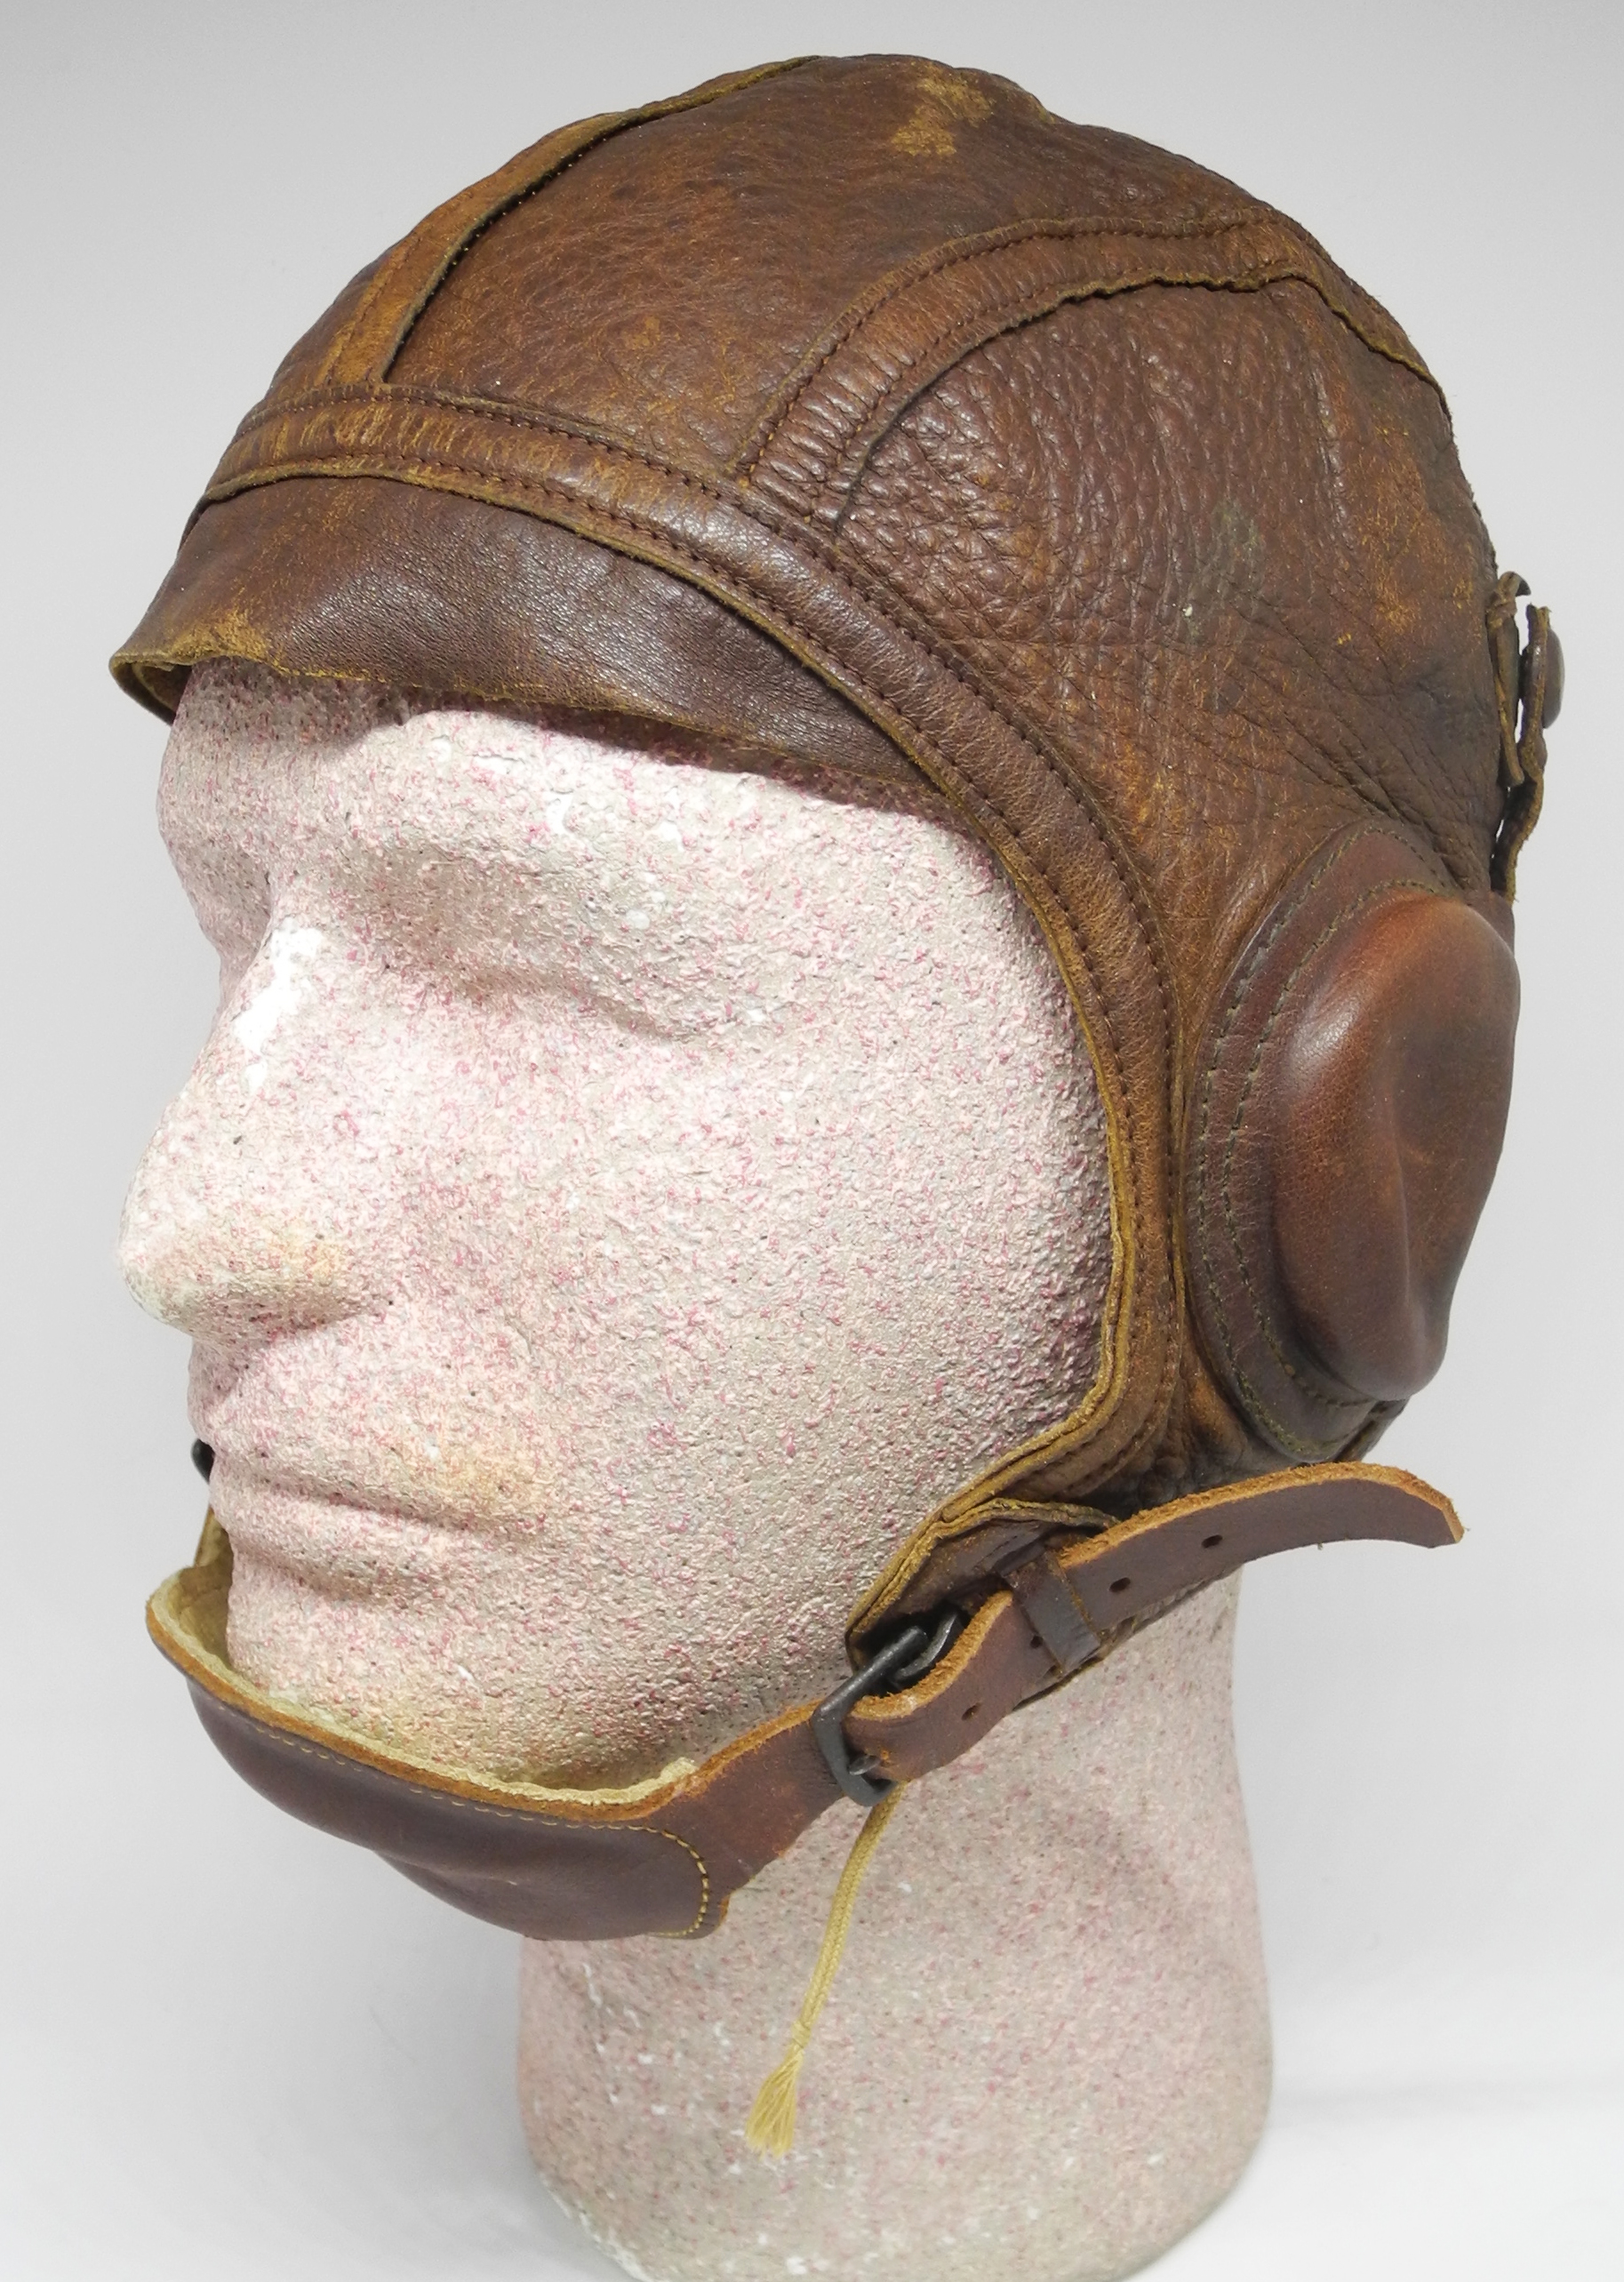 AAF Type A-7 helmet